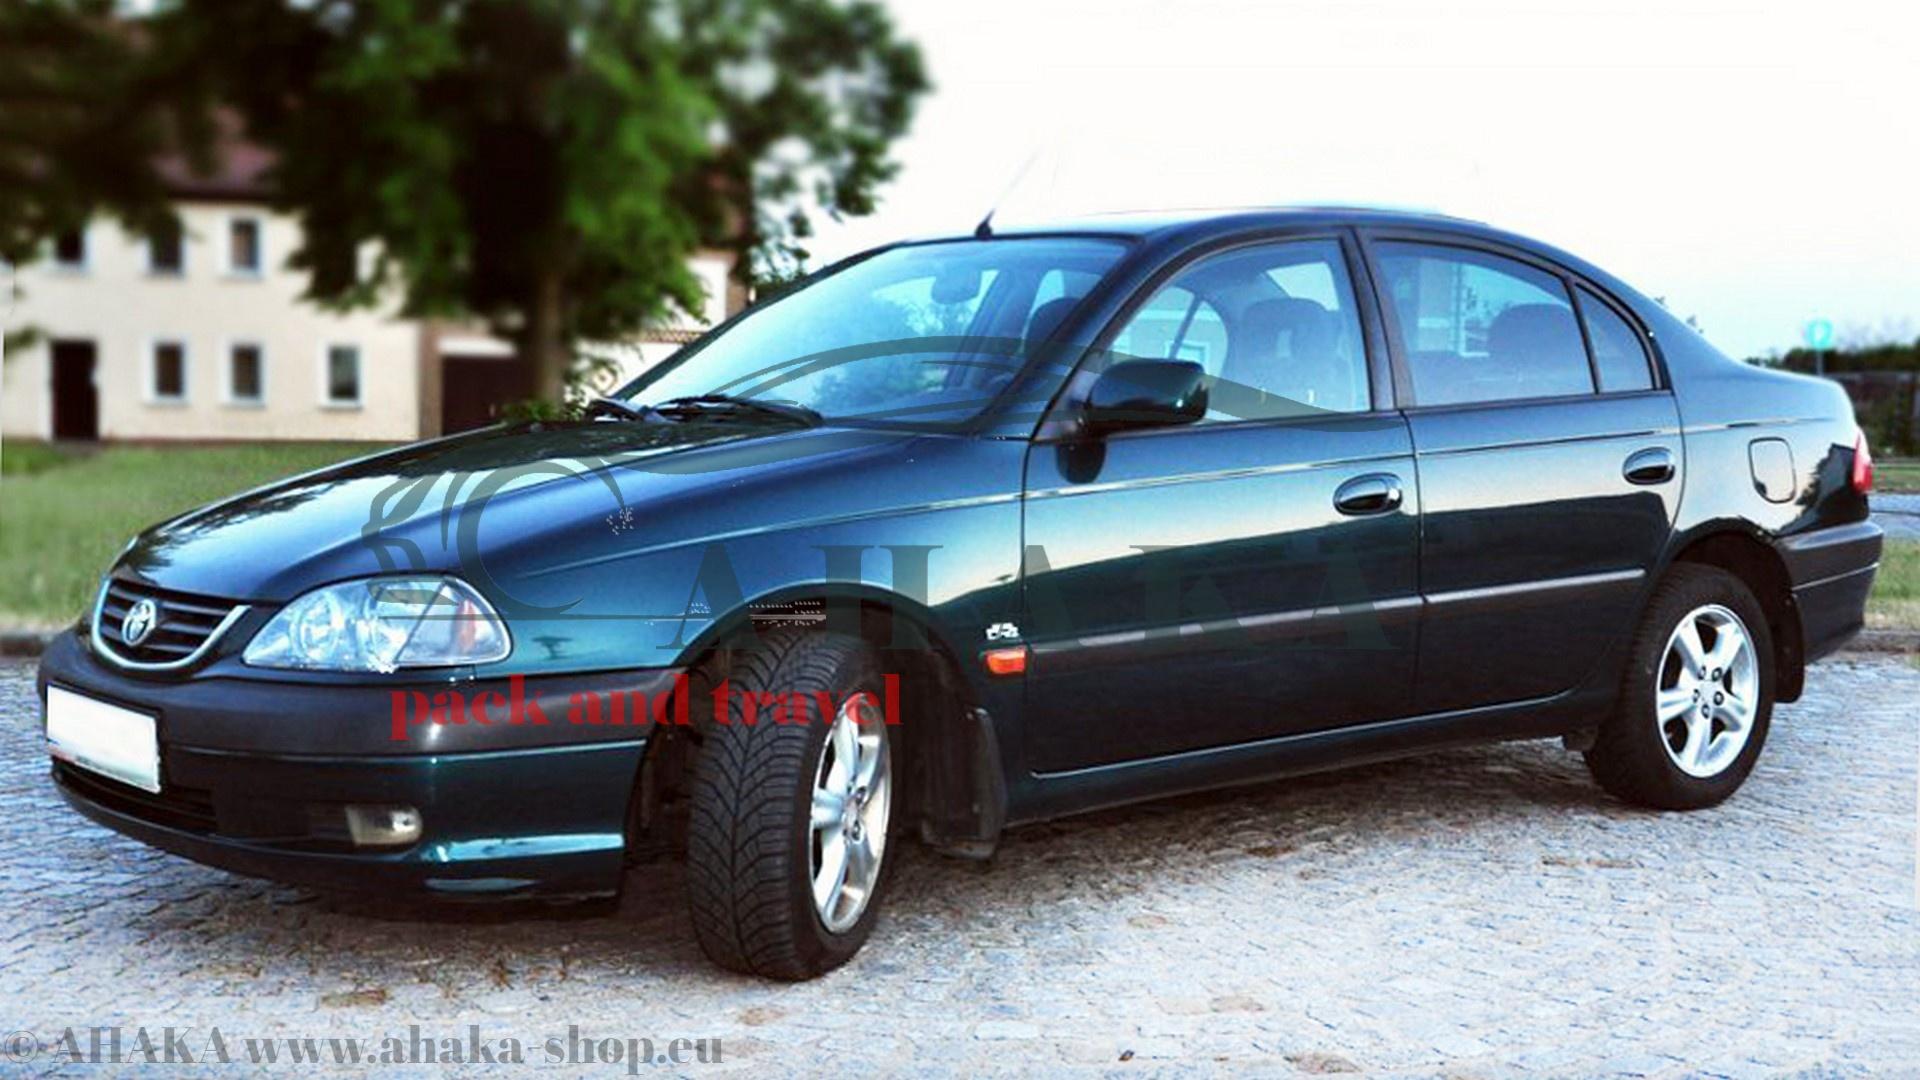 7polig AHK Für Fiat Punto Fliessheck 1993-1999 AUTO HAK Anhängerkupplung starr